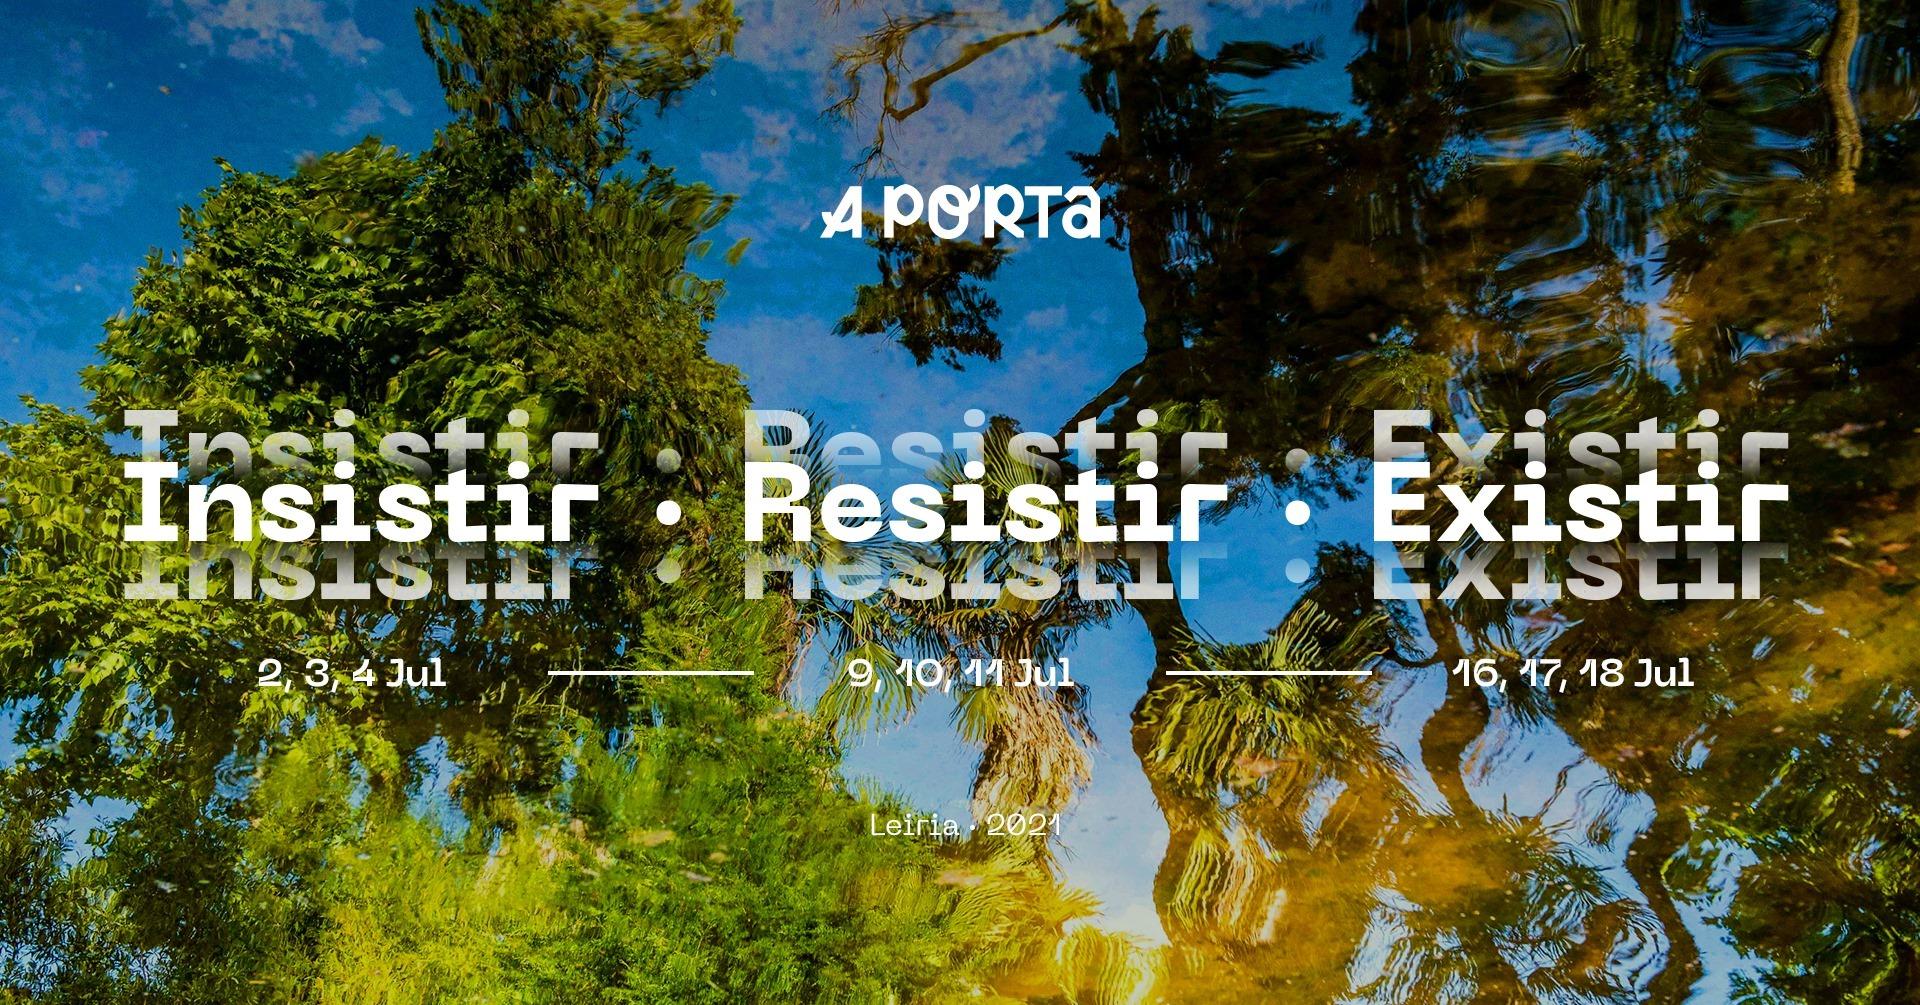 Festival A Porta #6, 2021